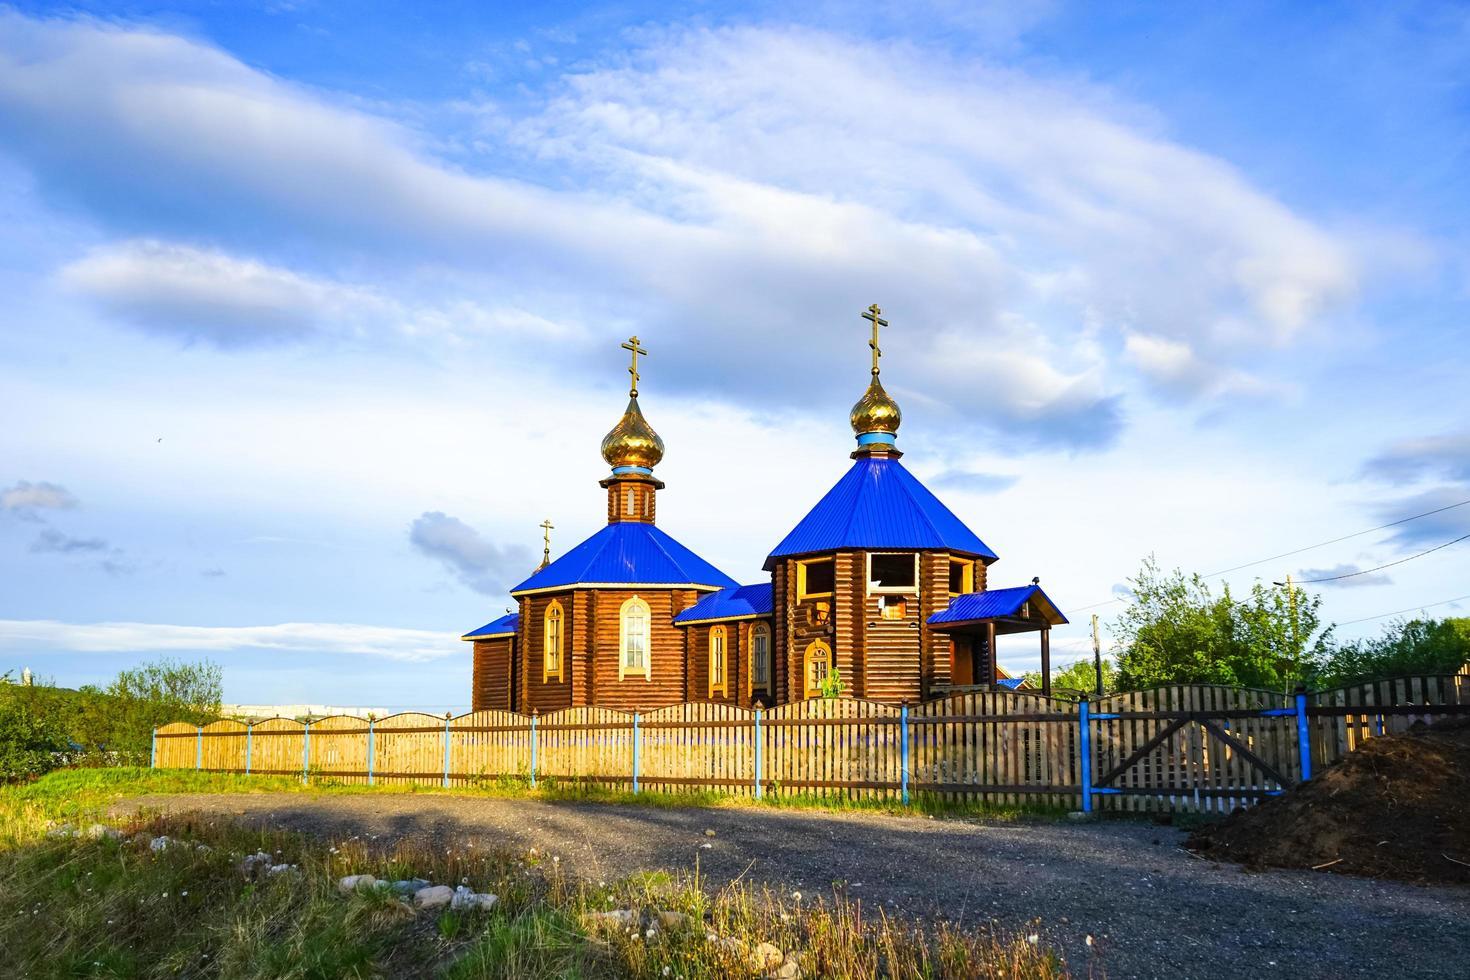 chapelle en bois au toit bleu au bord de la baie de kola. photo